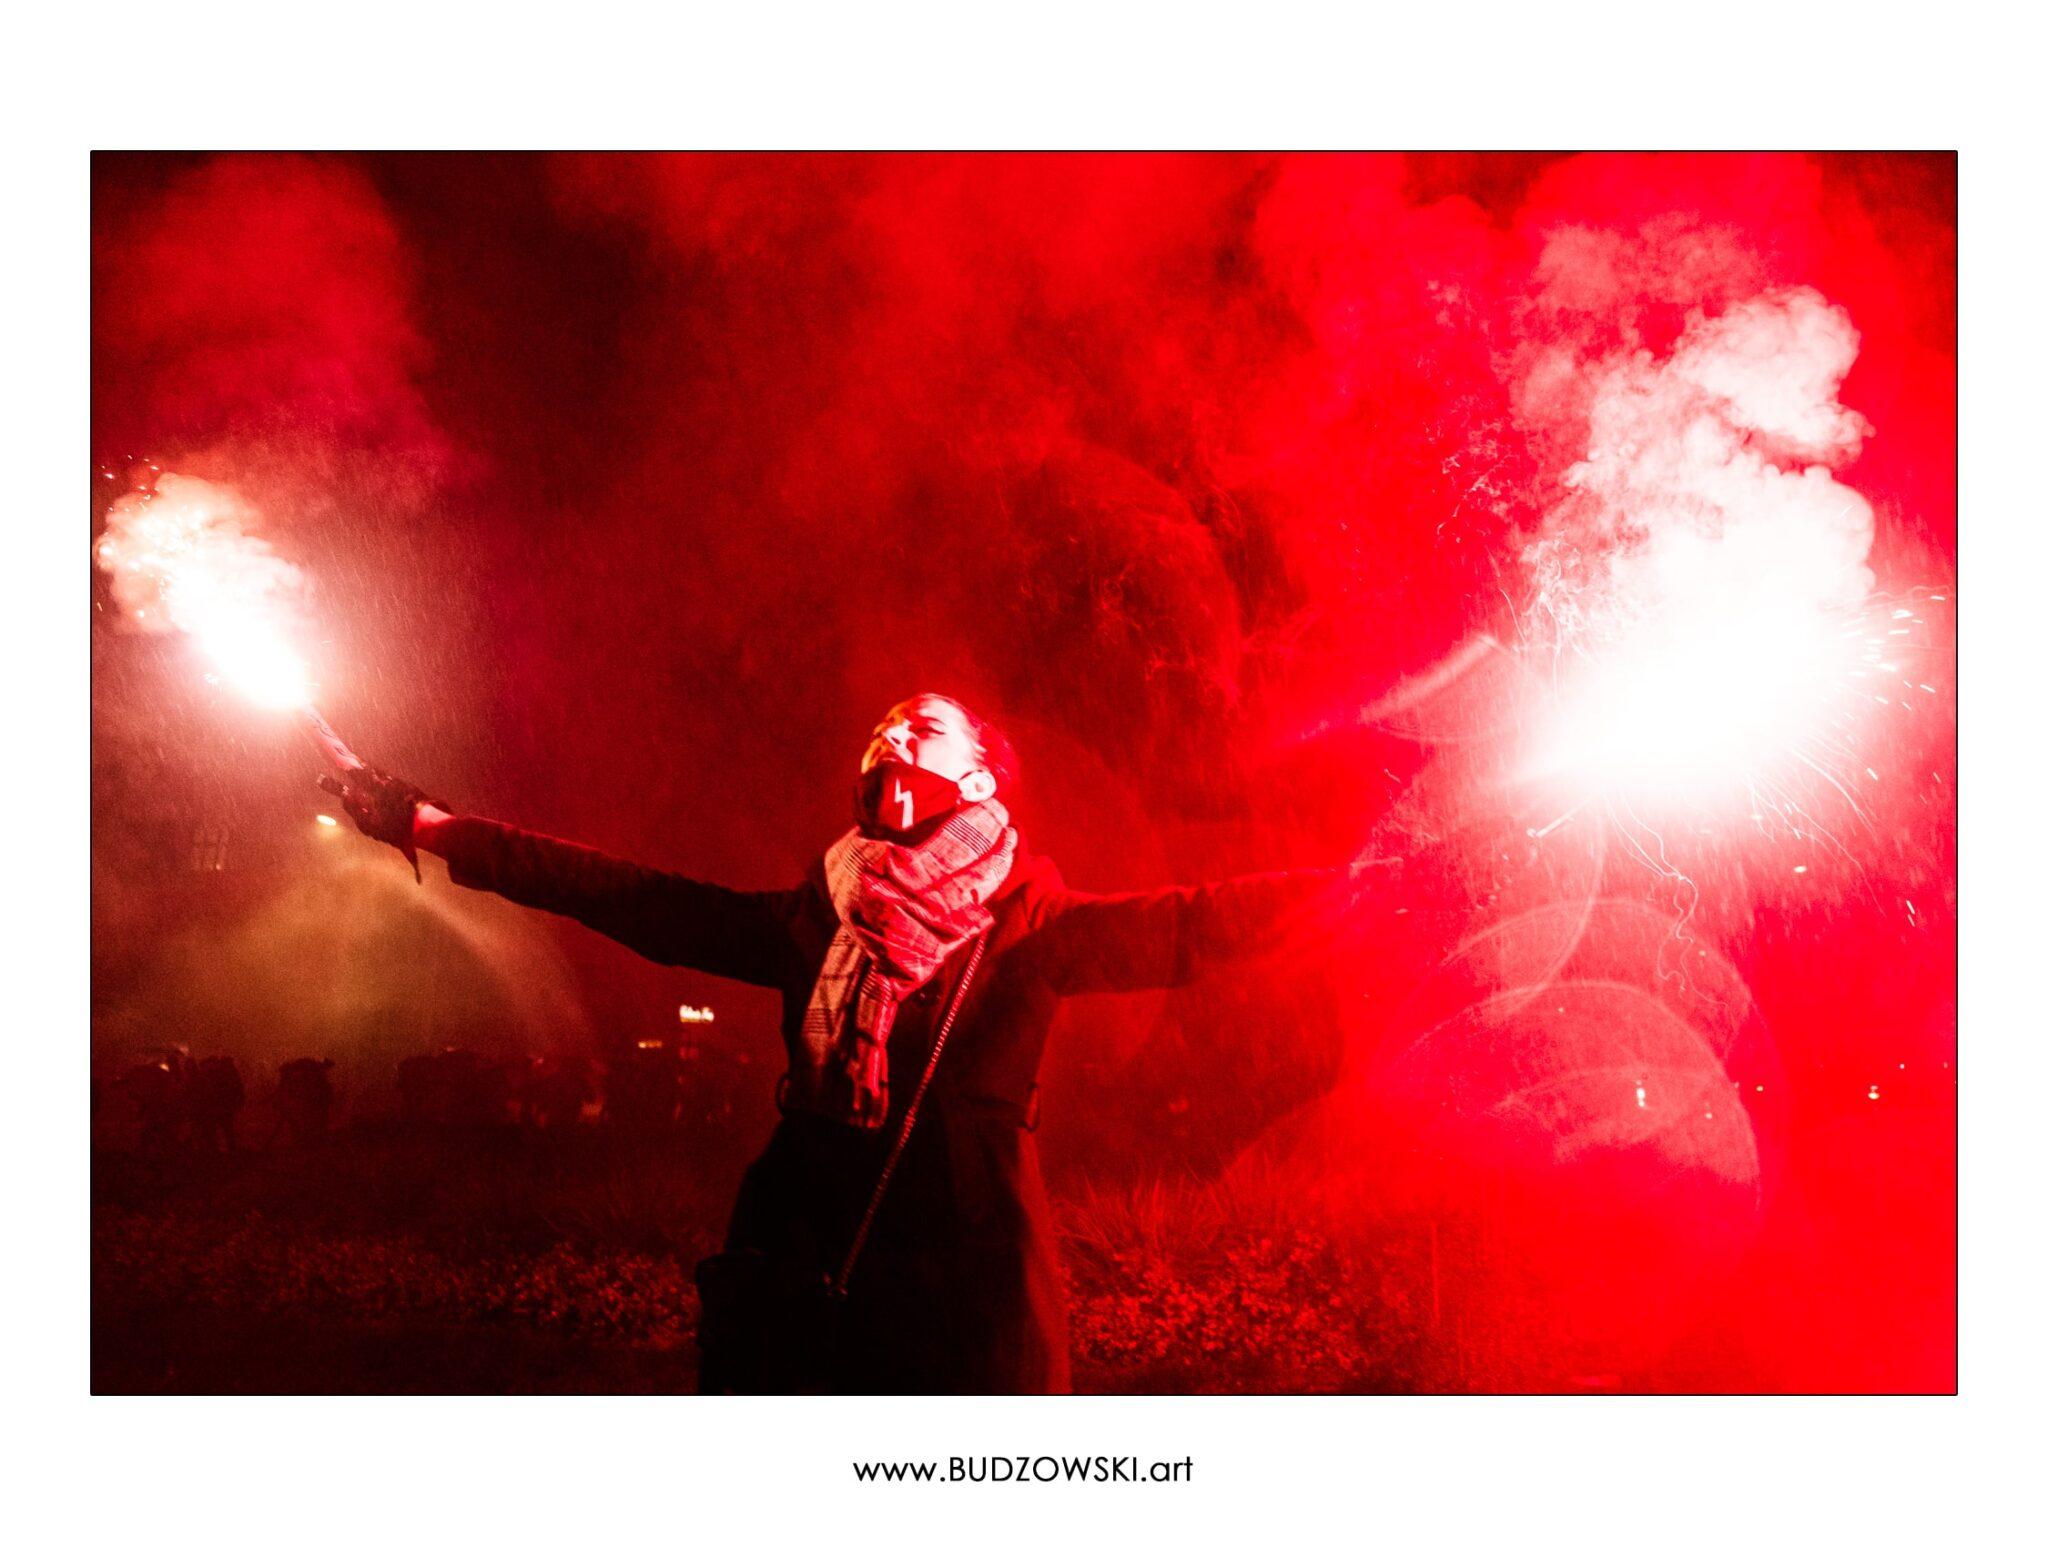 Gabriela Wiśniewska trzymając race krzyczy To jest wojna! Zdjęcie wyróżnione w konkursie fotograficznym.